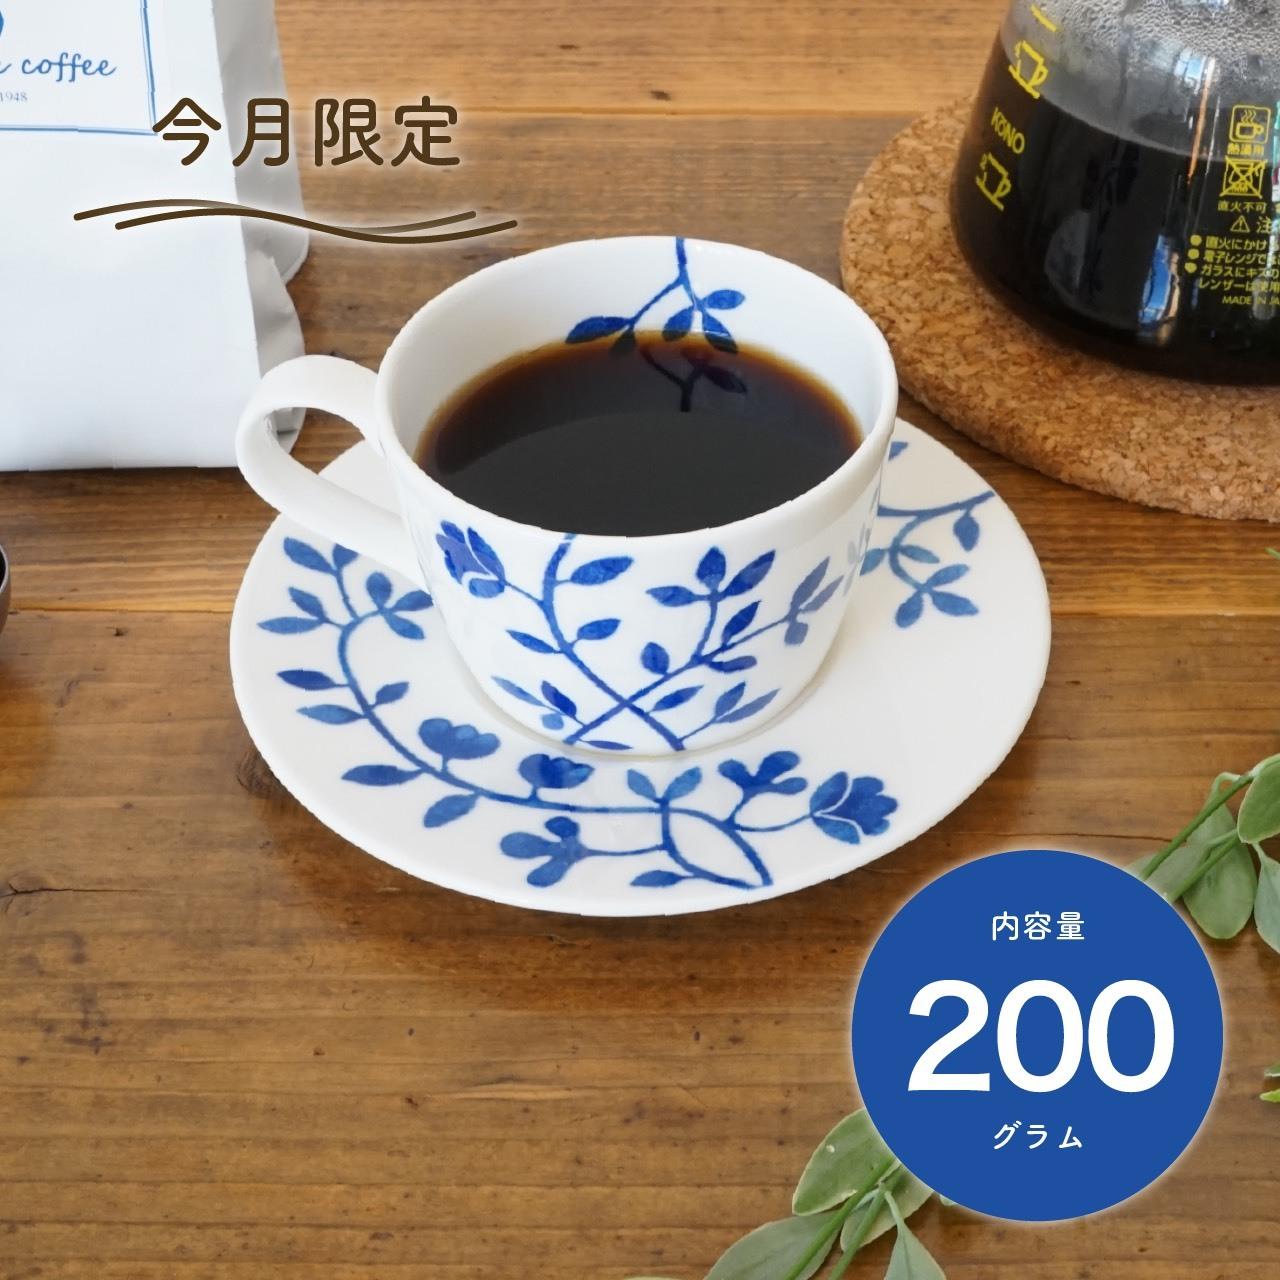 【9月の豆】ミャンマー ジーニアス レッドハニー